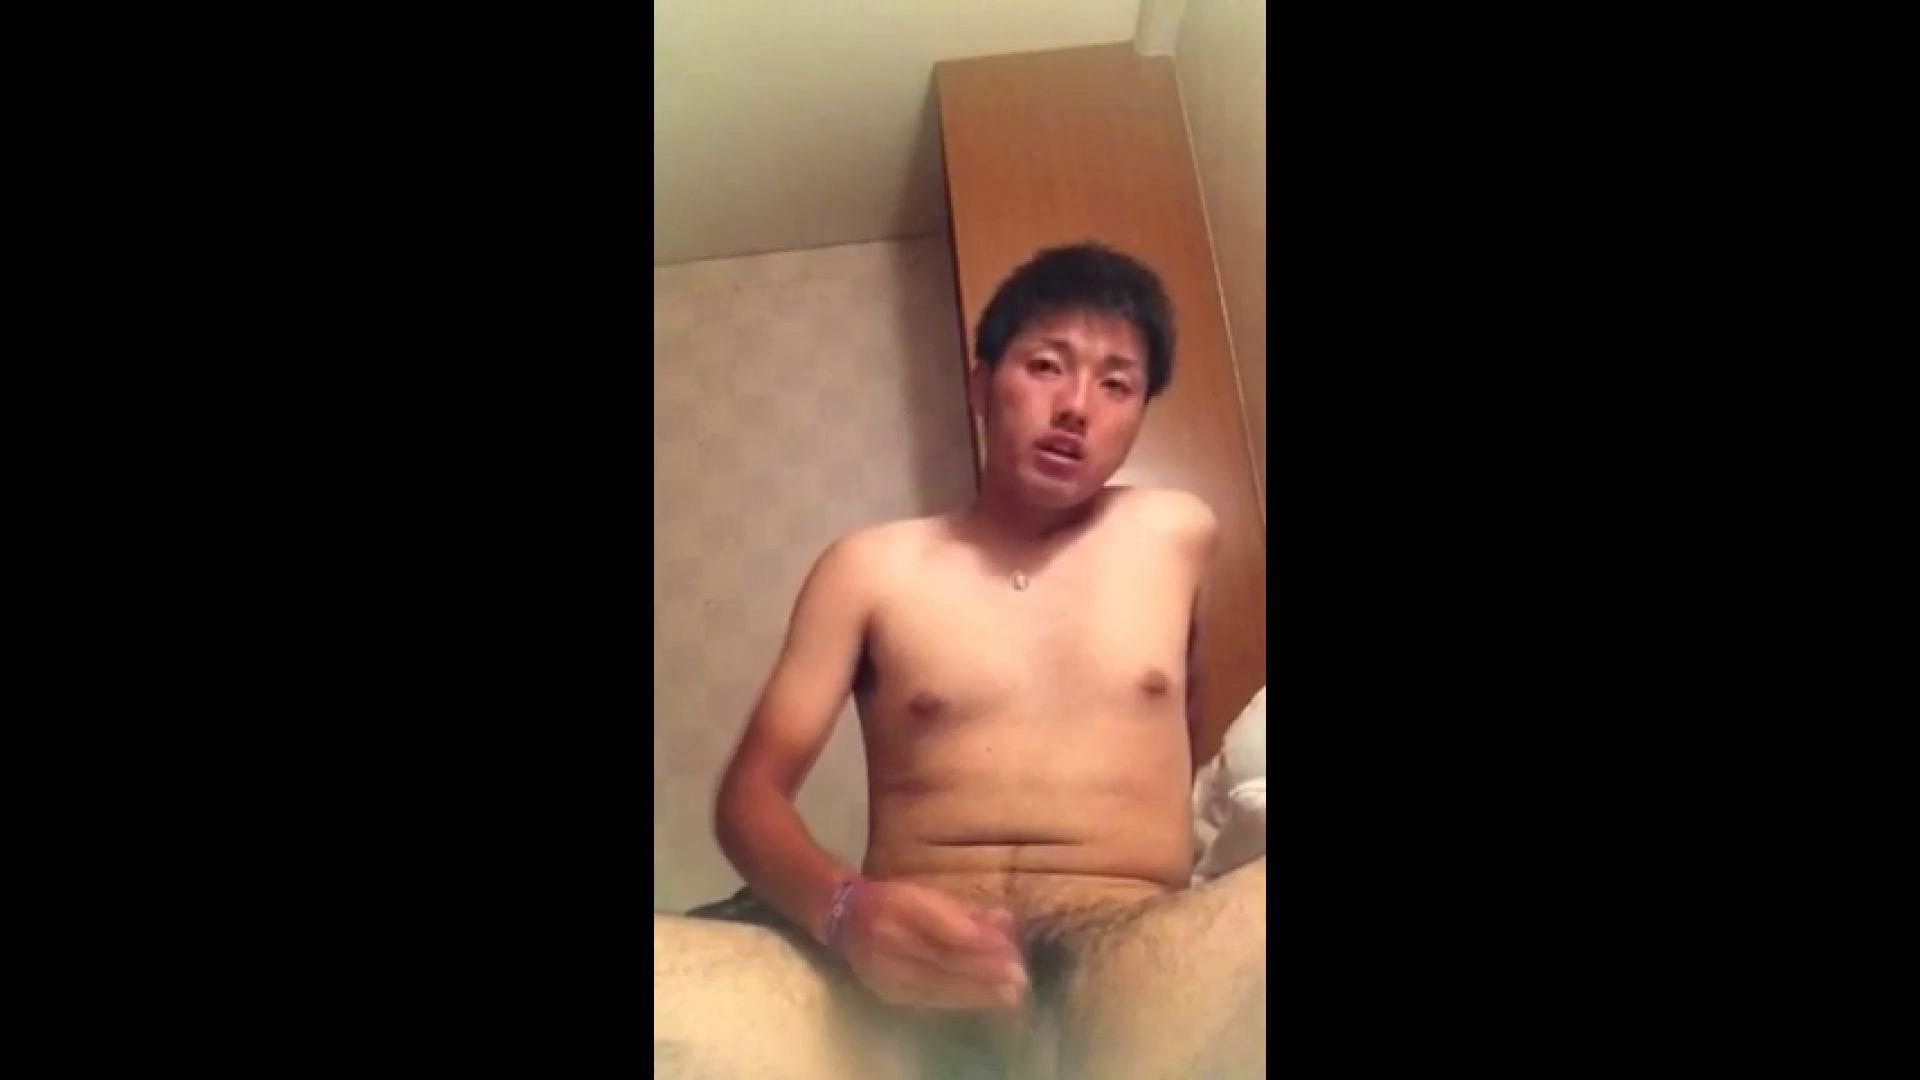 キター!ノンケちゃんオナニー特集vol.29 モザ無し | オナニー エロビデオ紹介 81枚 18